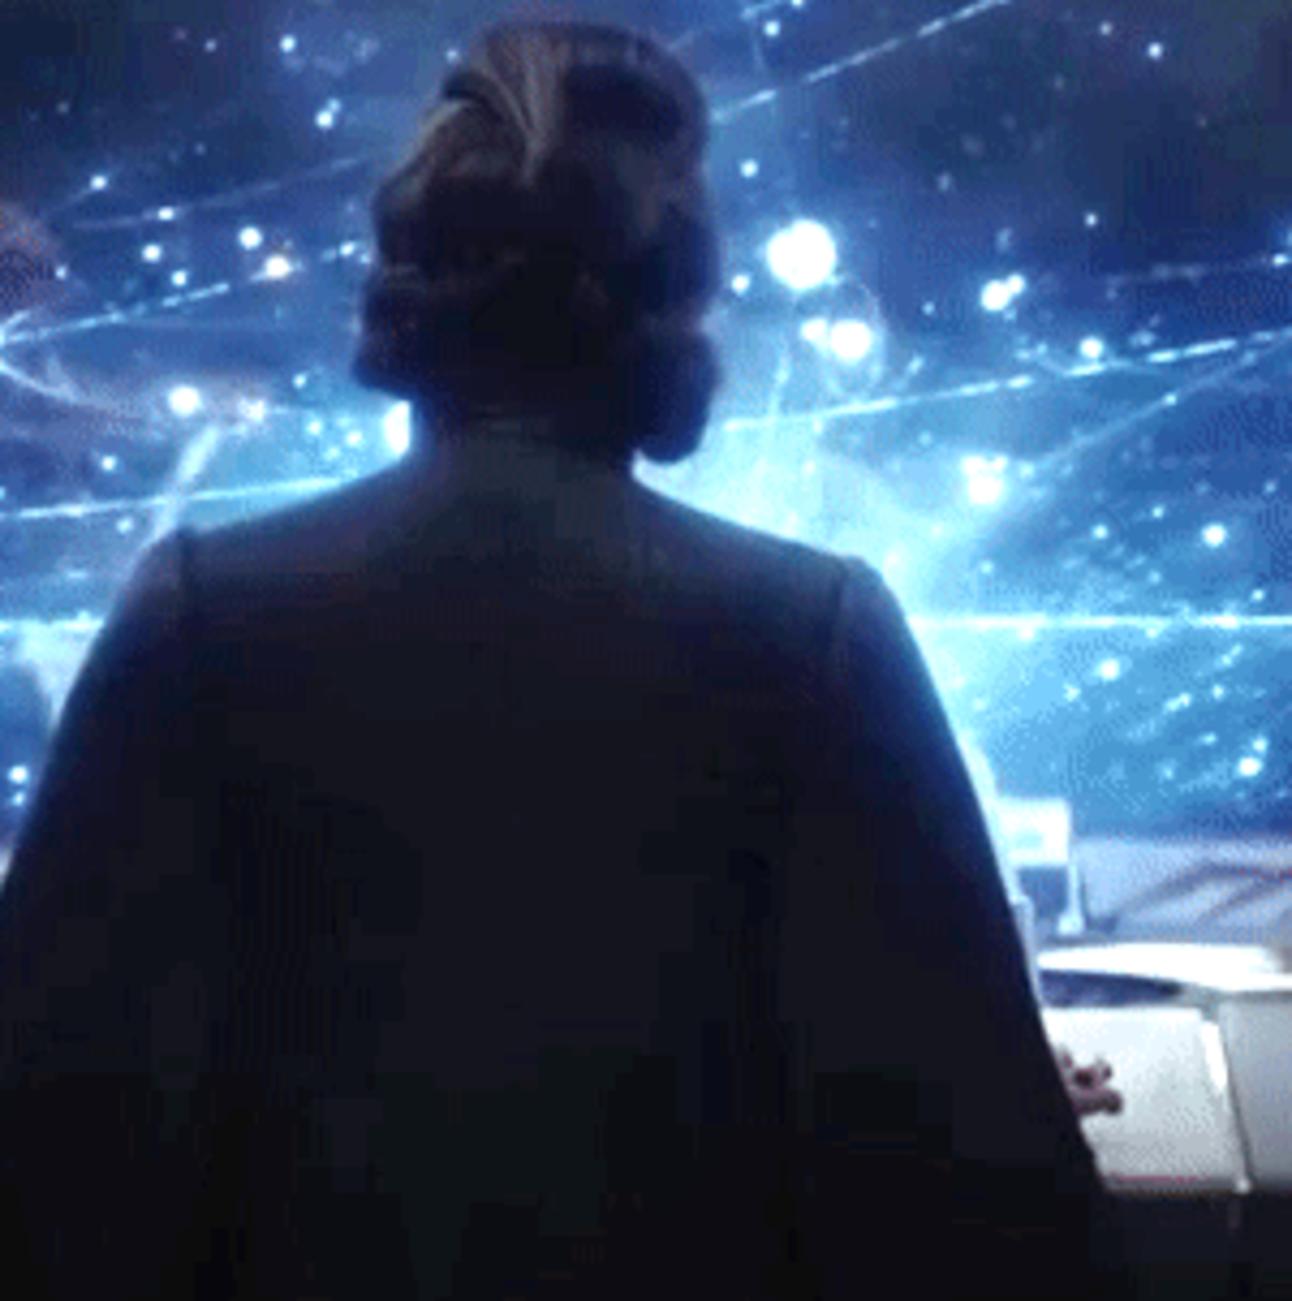 Leia in profile last jedi